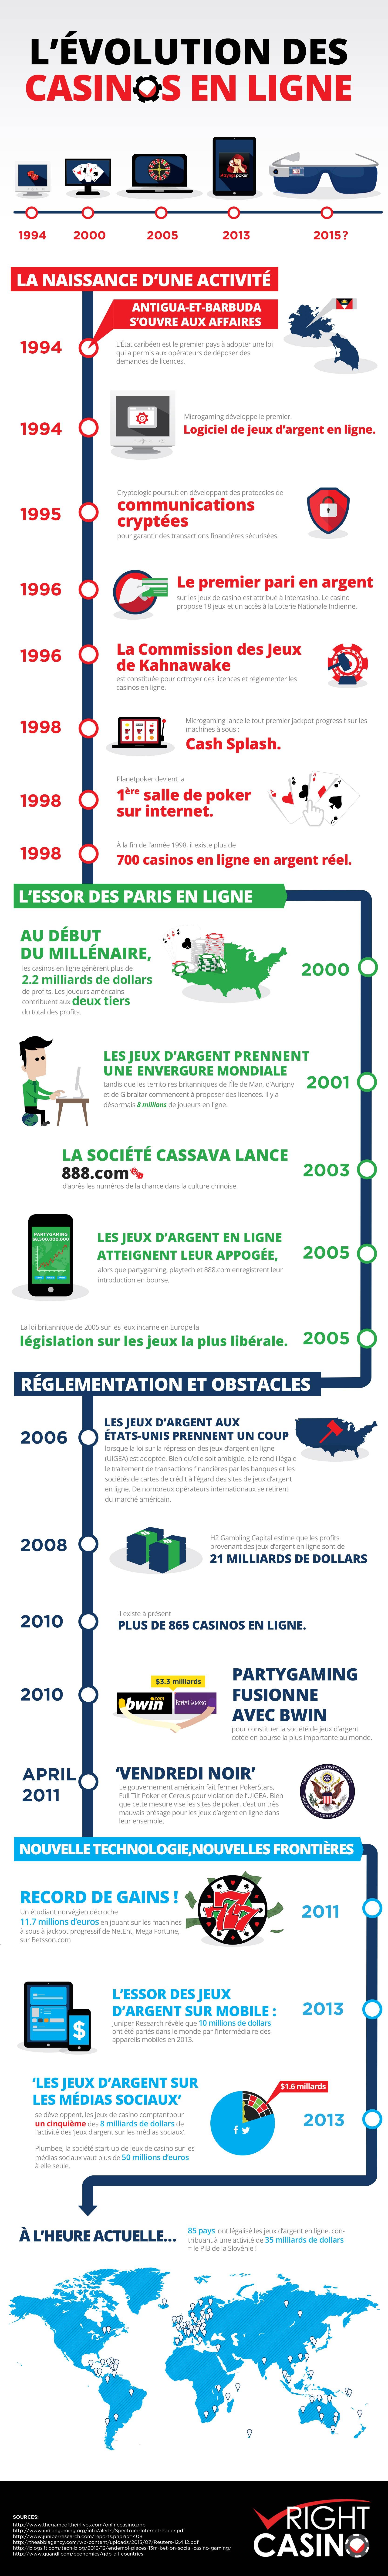 infographie-histoire-du-casino-en-ligne